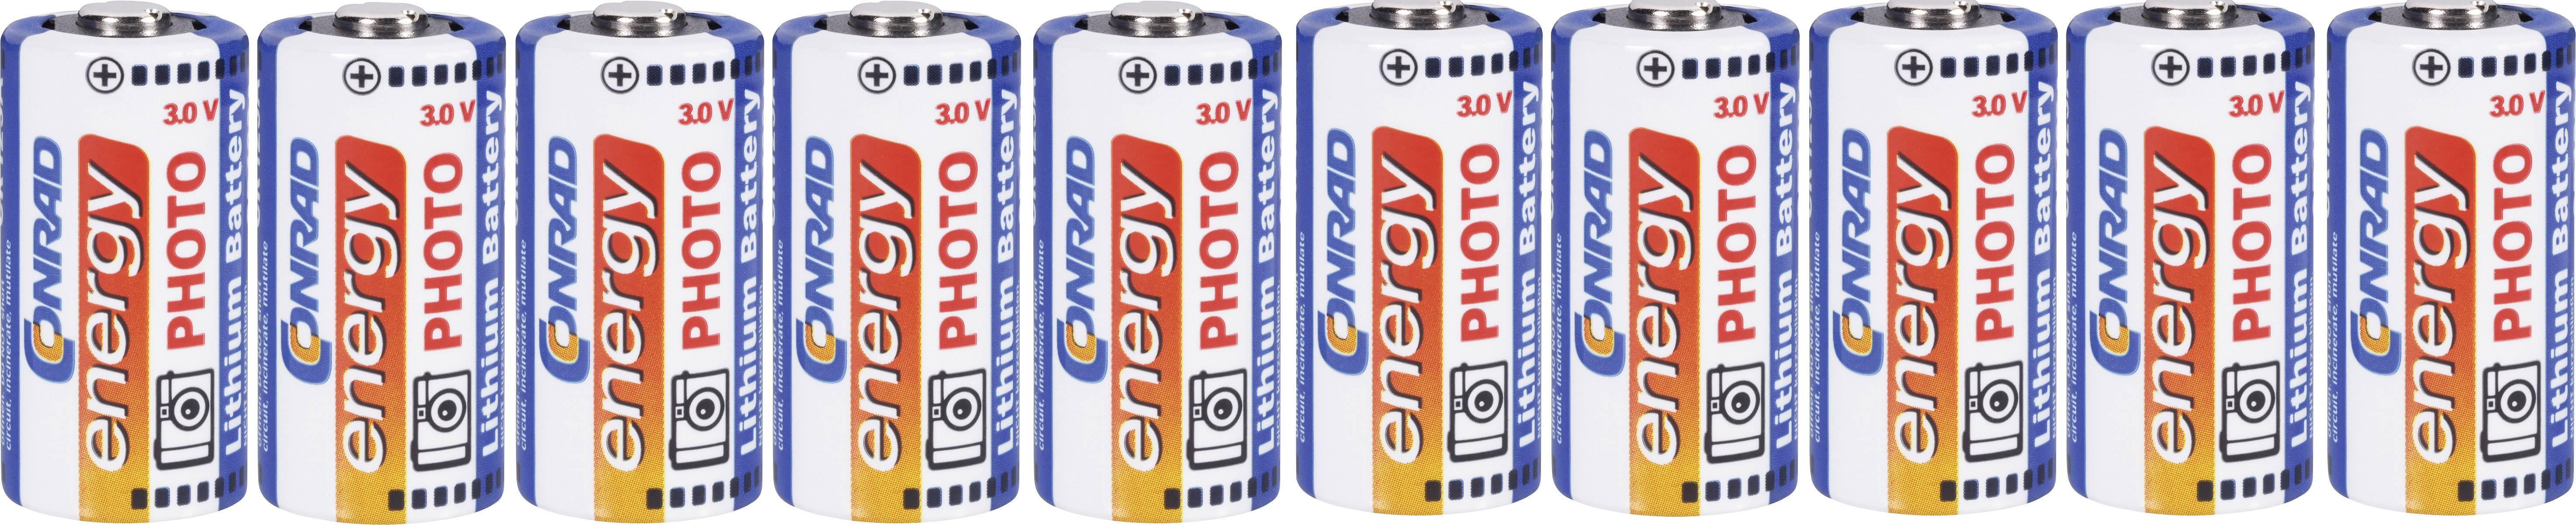 Lítium fotobatéria CR-123A Conrad energy CR123, 1500 mAh, 3 V, 10 ks